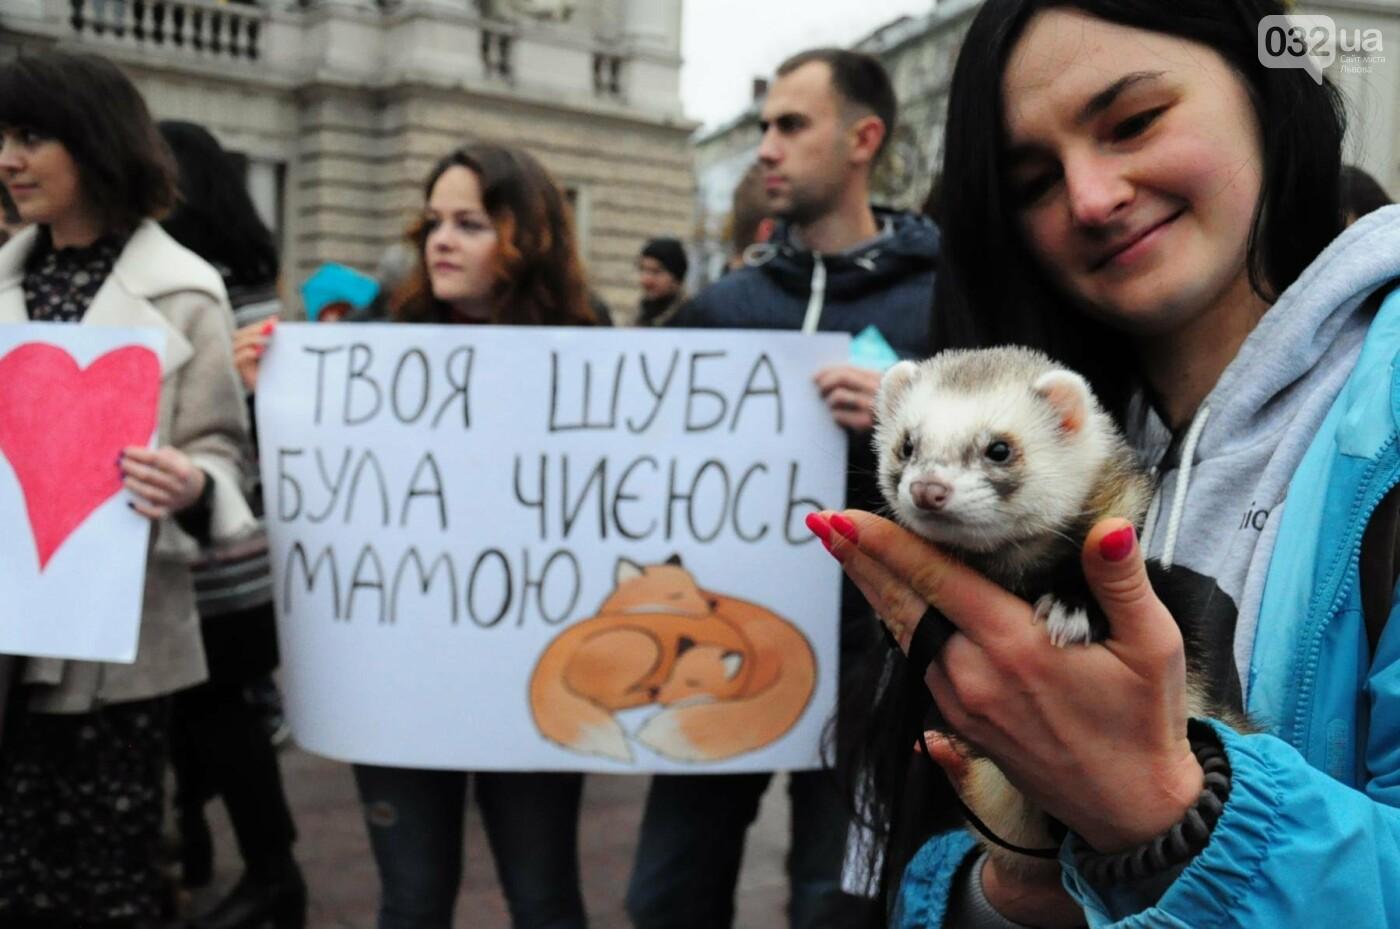 Львів'яни взяли участь у масштабному Марші на захист тварин. Фоторепортаж, фото-2